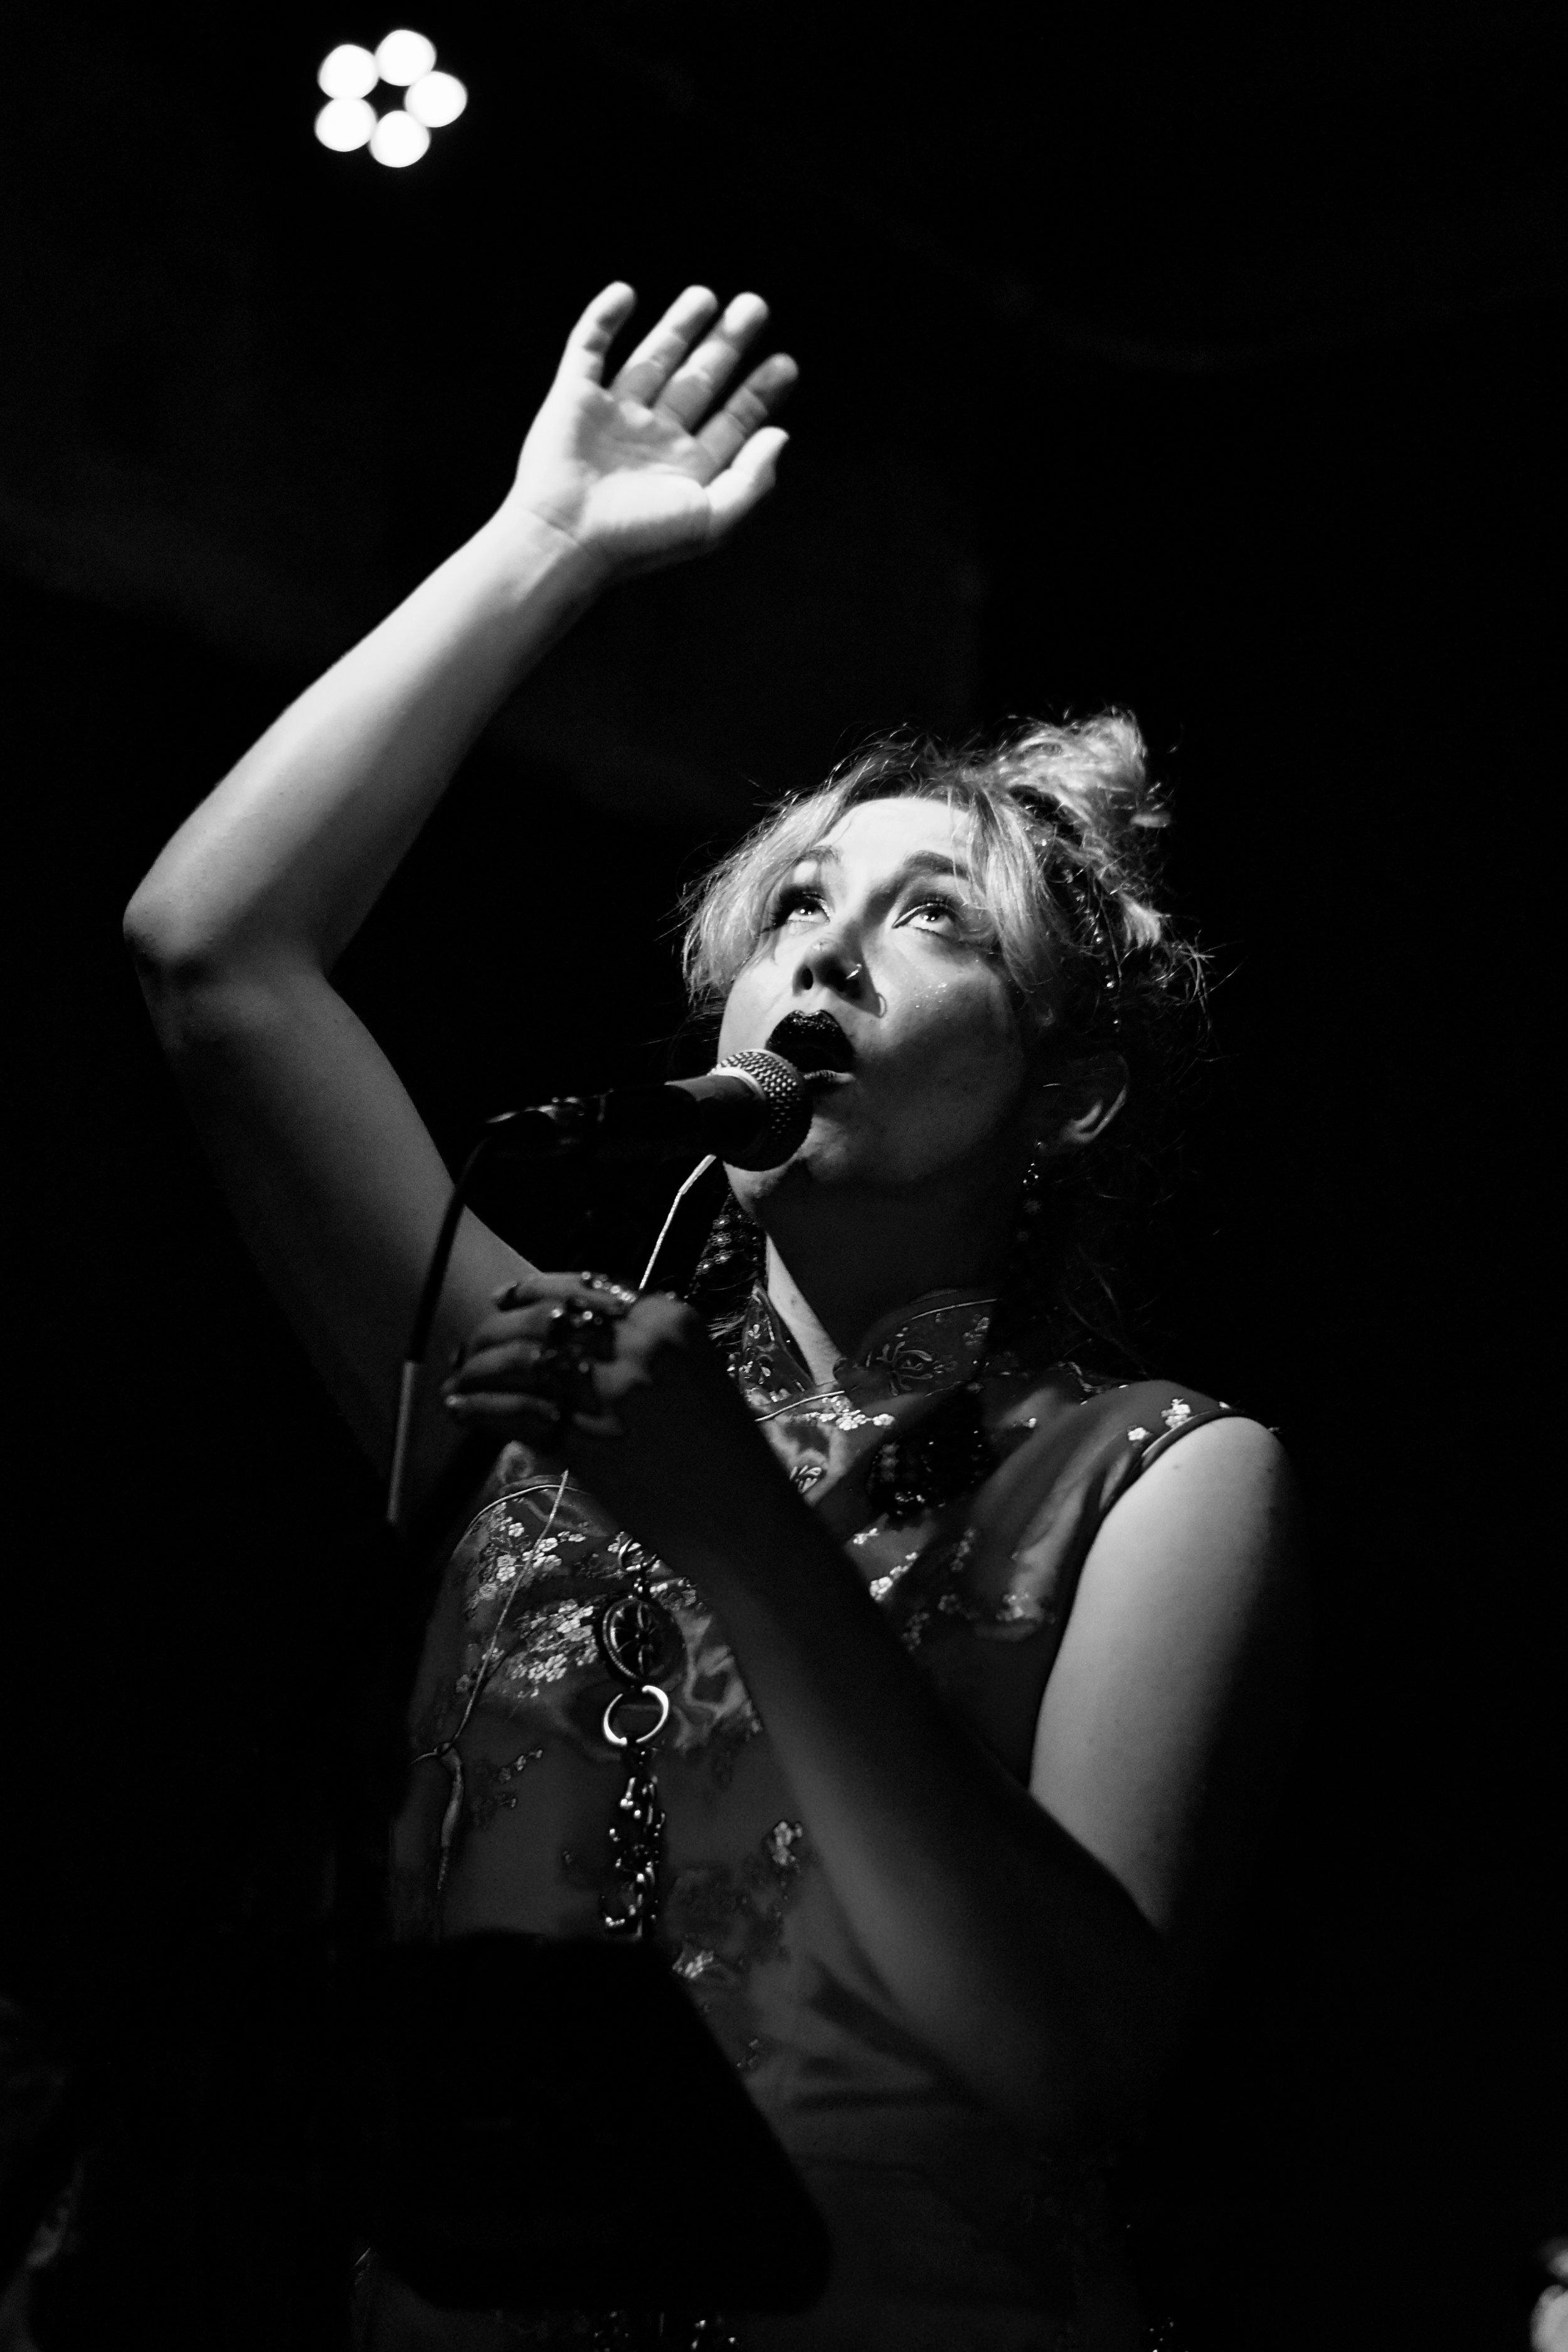 Photos by Lizz Wilkinson